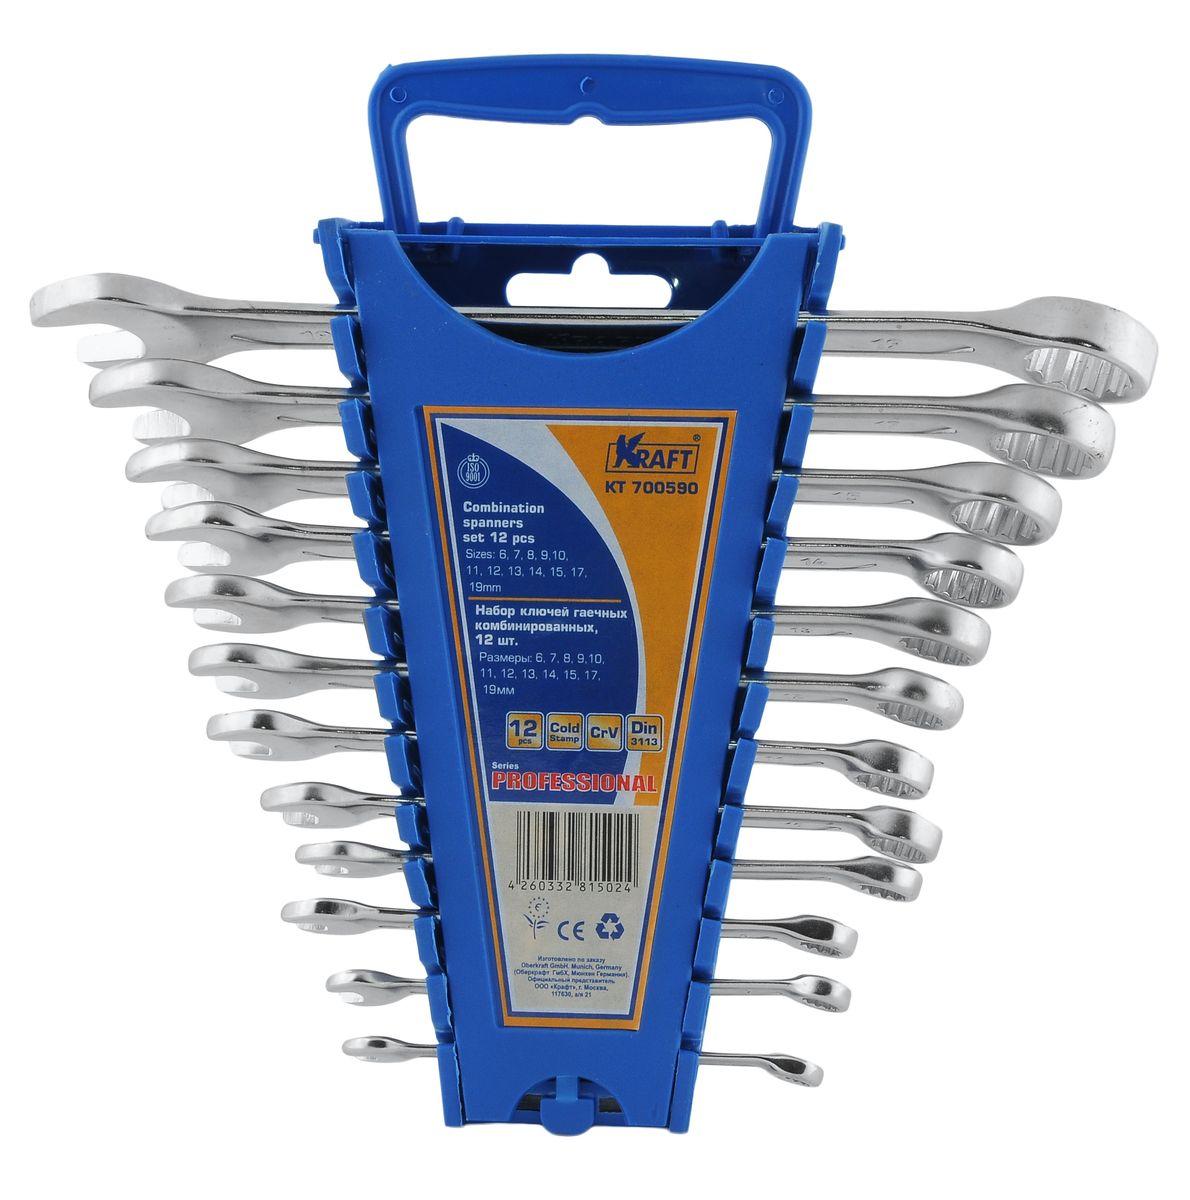 Набор комбинированных гаечных ключей Kraft Professional, 6 мм - 19 мм, 12 штКТ700590Набор комбинированных гаечных ключей Kraft Professional предназначен для профессионального применения в решении сантехнических, строительных и авторемонтных задач, а также для бытового использования. Ключи изготовлены из хромованадиевой стали. Размеры ключей входящих в набор: 6 мм, 7 мм, 8 мм, 9 мм, 10 мм, 11 мм, 12 мм, 13 мм, 14 мм, 15 мм, 17 мм, 19 мм. Комбинированный ключ представляет собой соединение рожкового и накидного гаечных ключей. Обе стороны комбинированного ключа имеют одинаковый размер. Комбинированный ключ - это необходимый предмет в каждом доме.